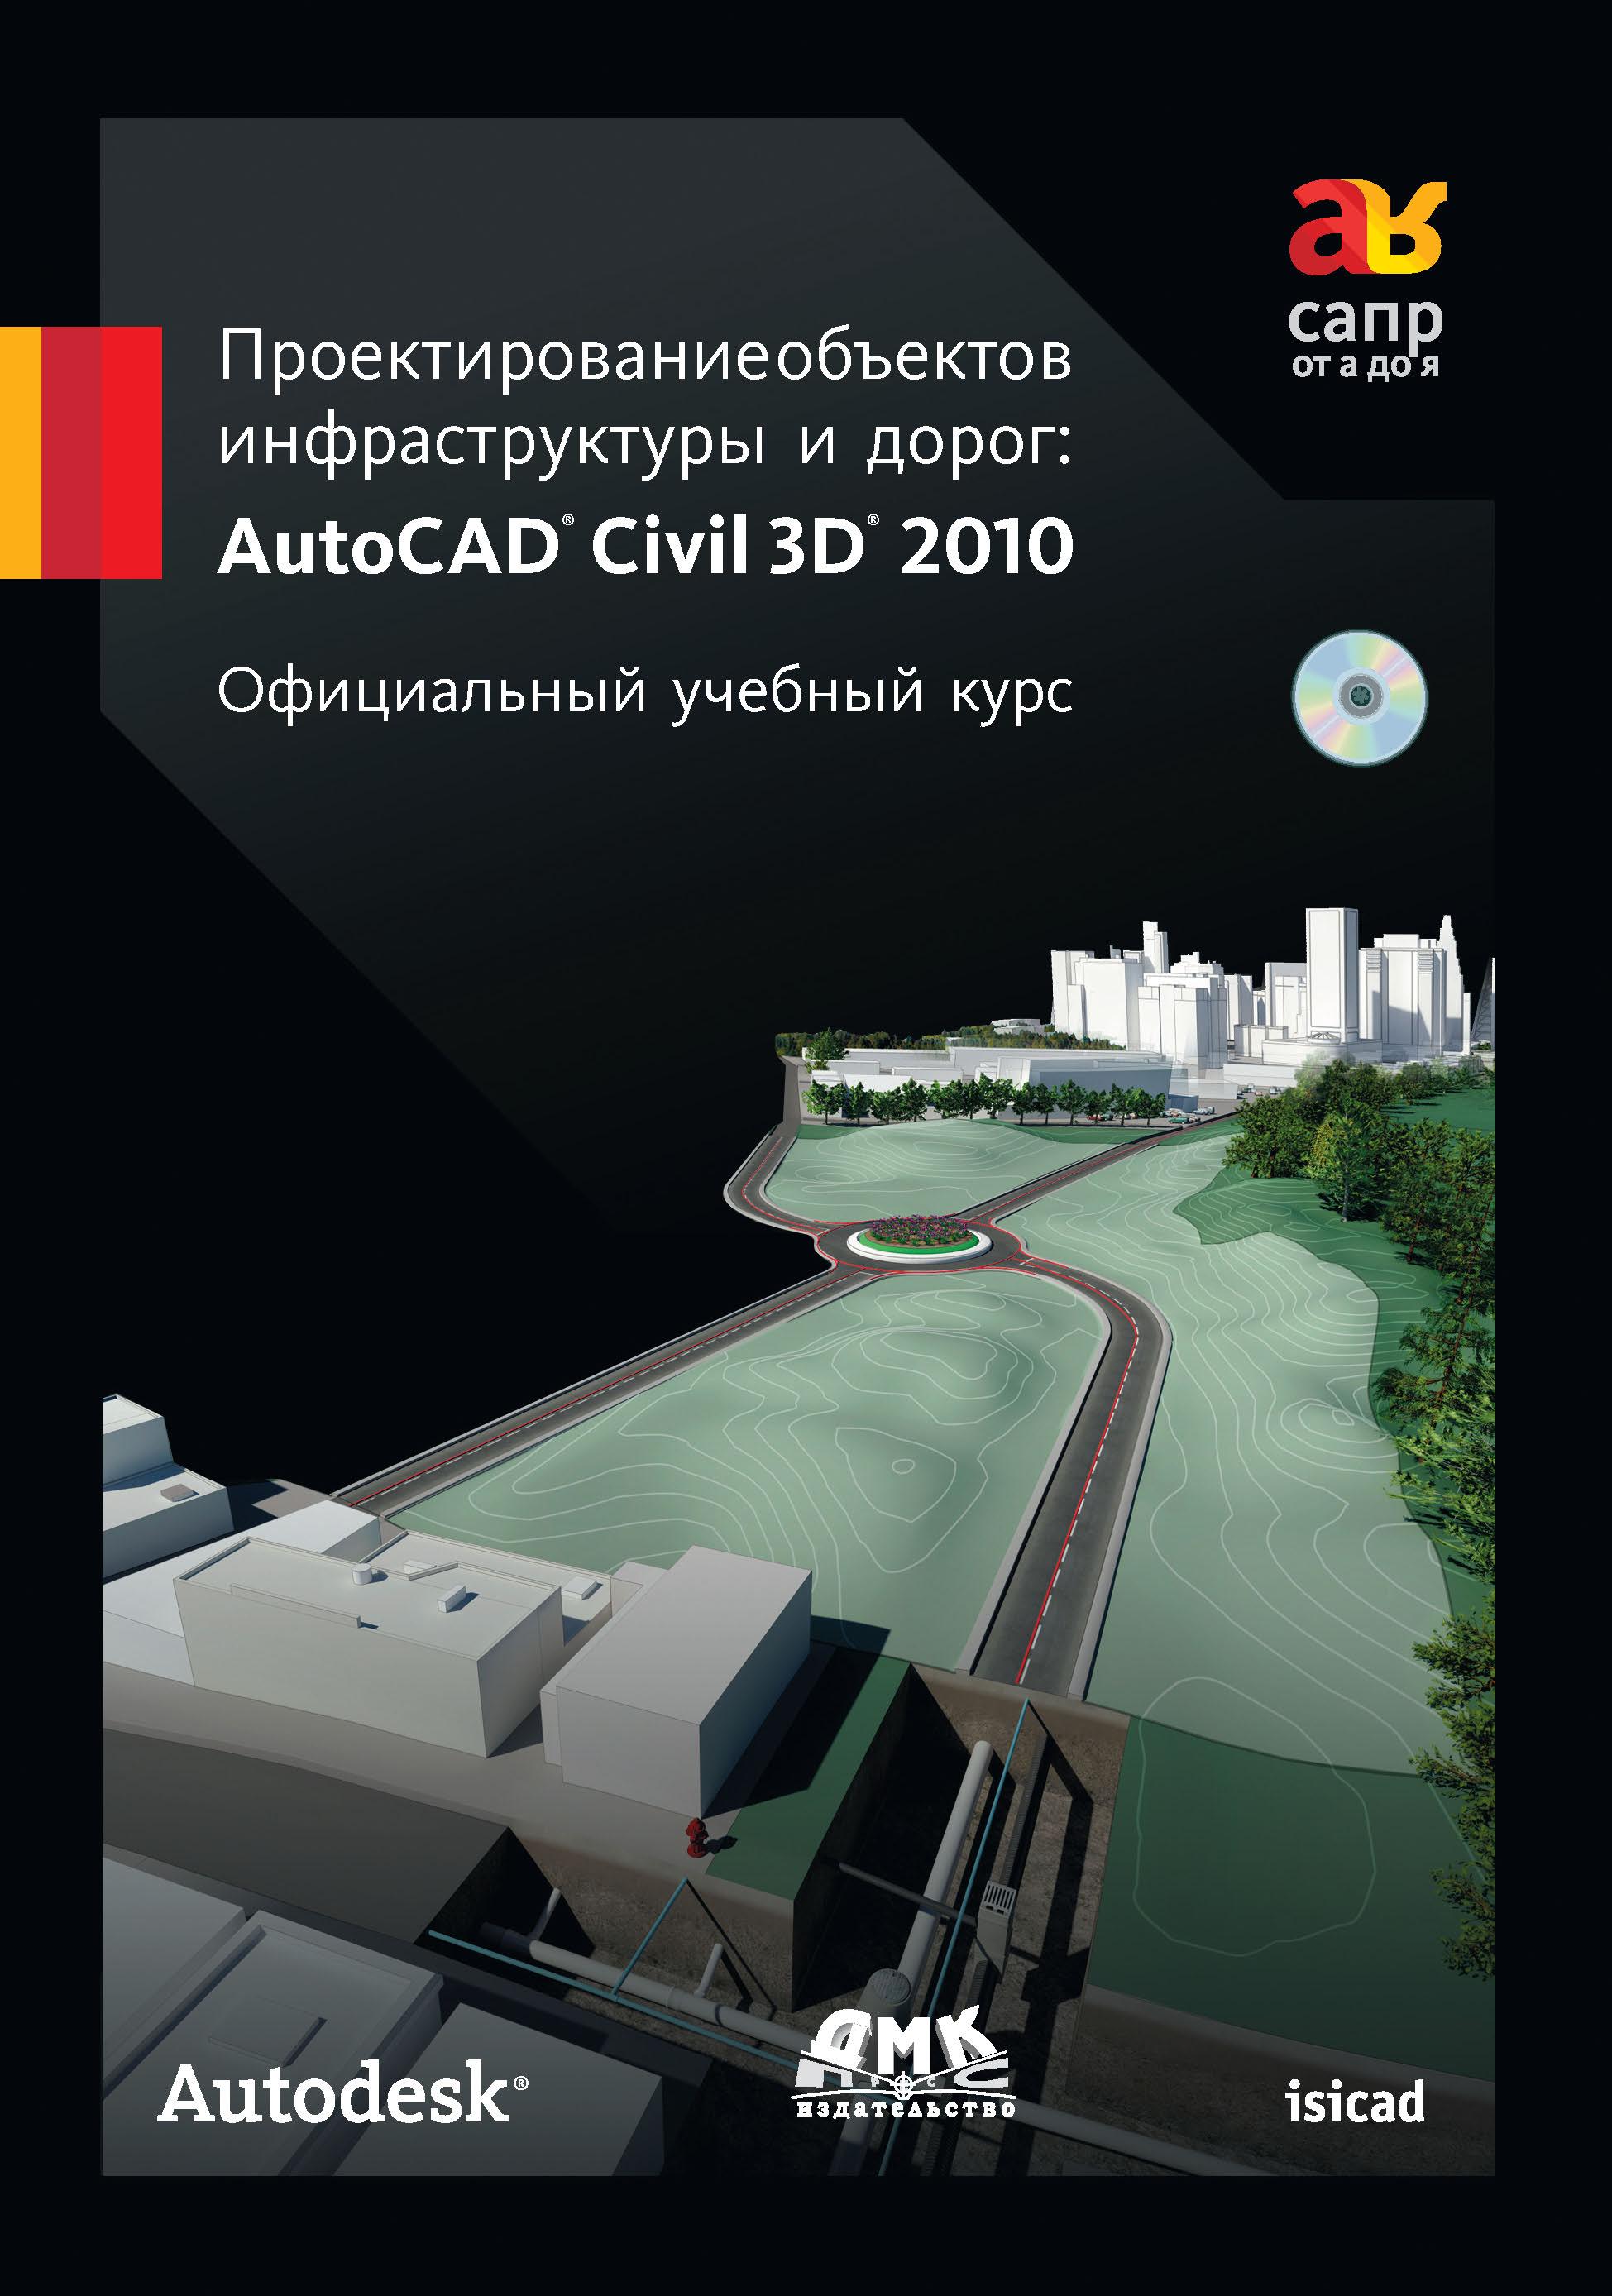 Купить книгу Проектирование объектов инфраструктуры и дорог: AutoCAD Civil 3D® 2010, автора Autodesk